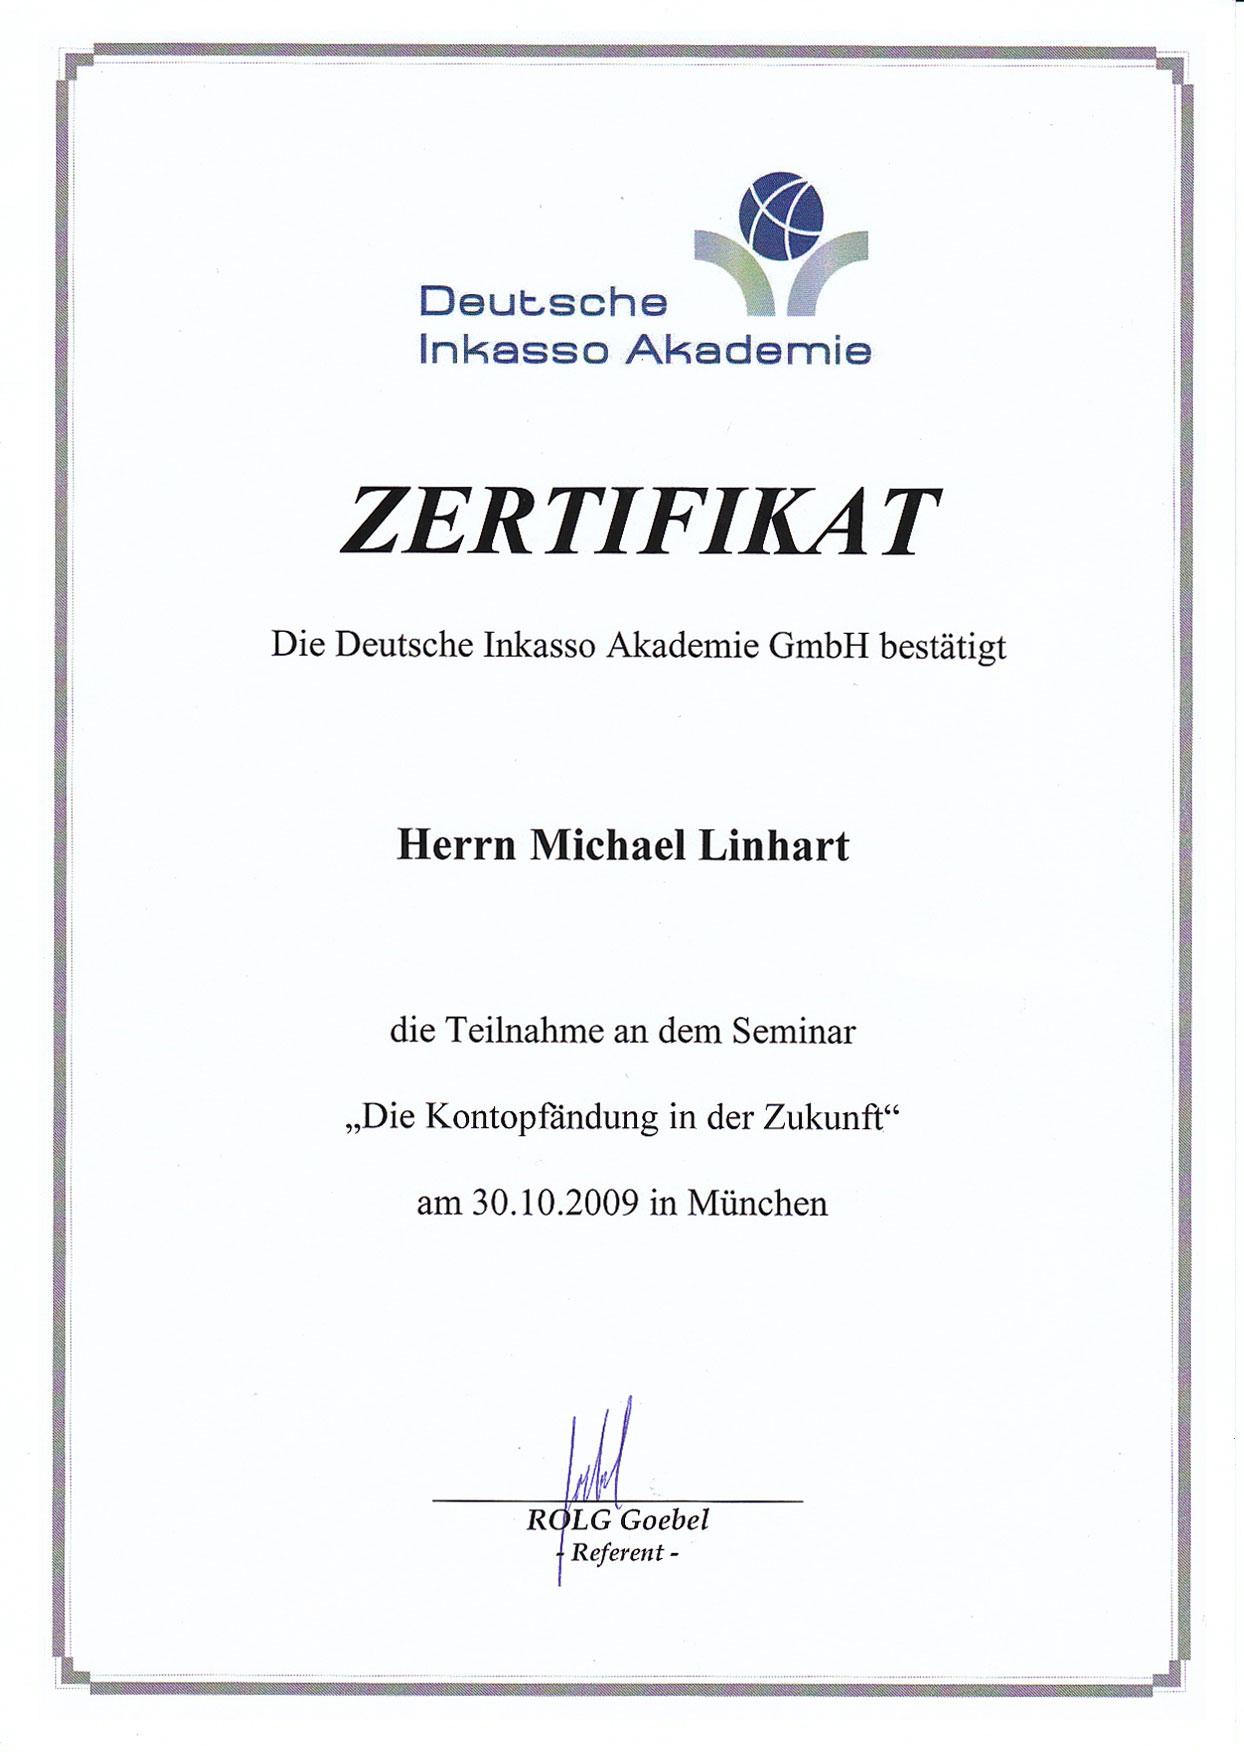 Ausgezeichnet Vorlage Von Zertifikaten Galerie - Entry Level Resume ...